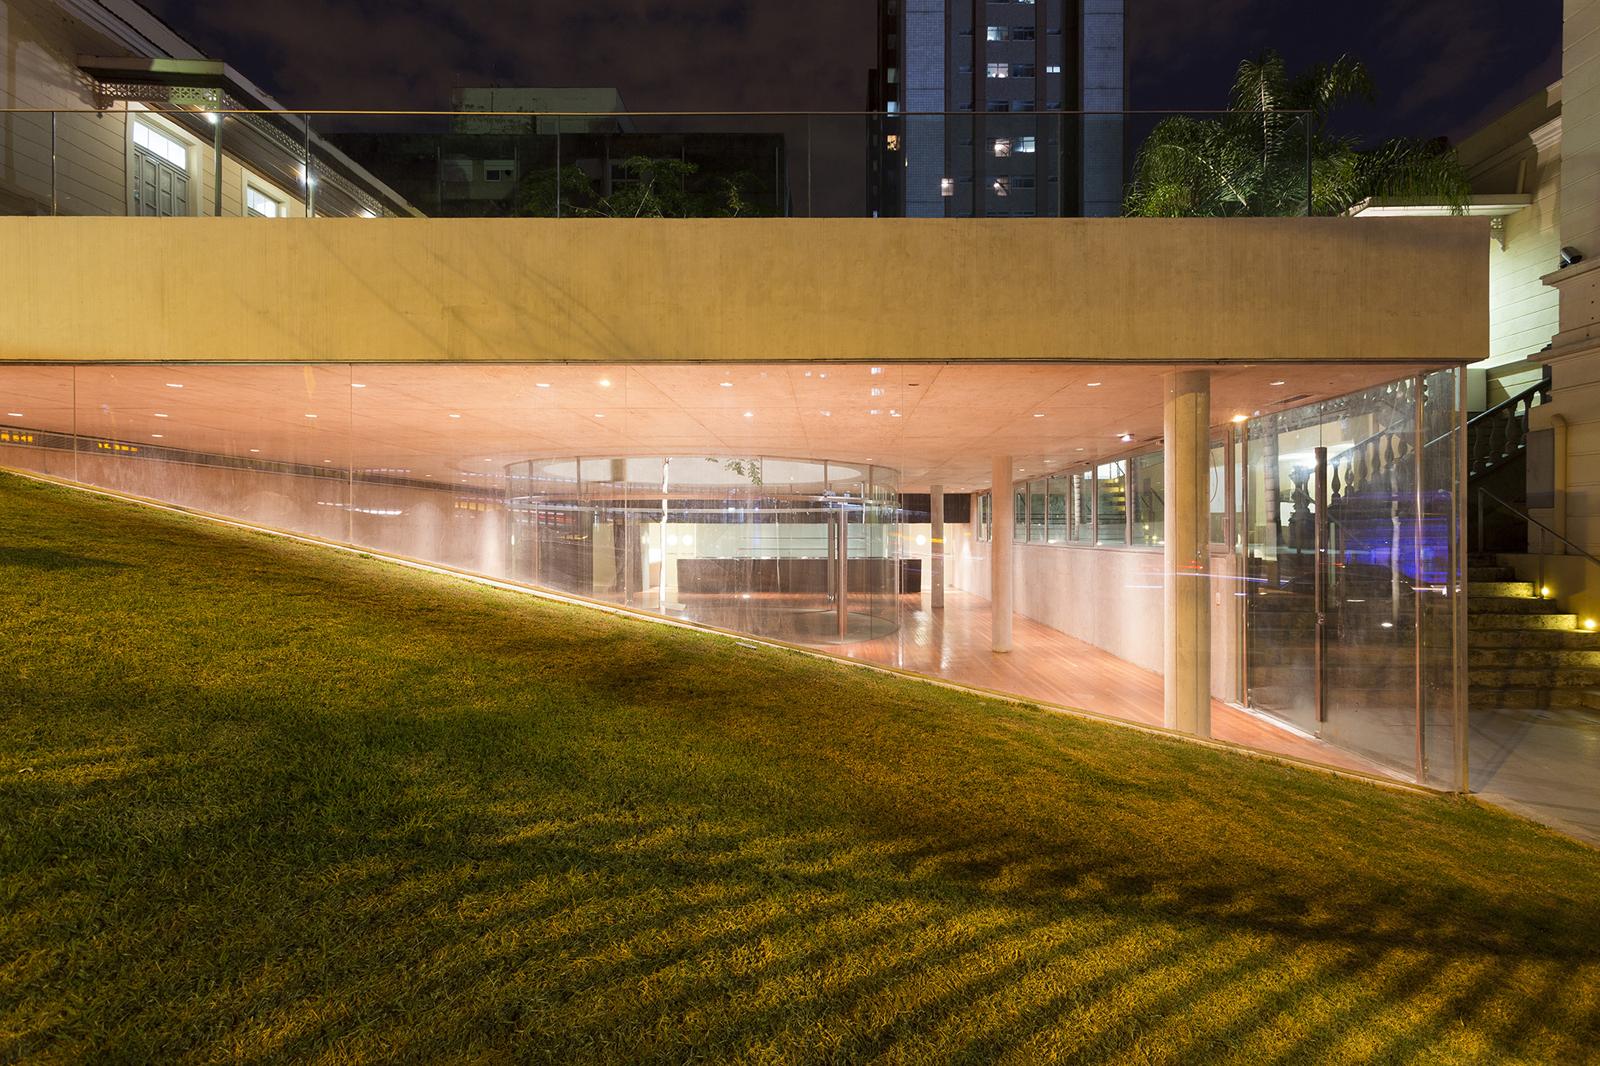 MUSEU MINEIRO_GABRIEL CASTRO_15_WEB.jpg